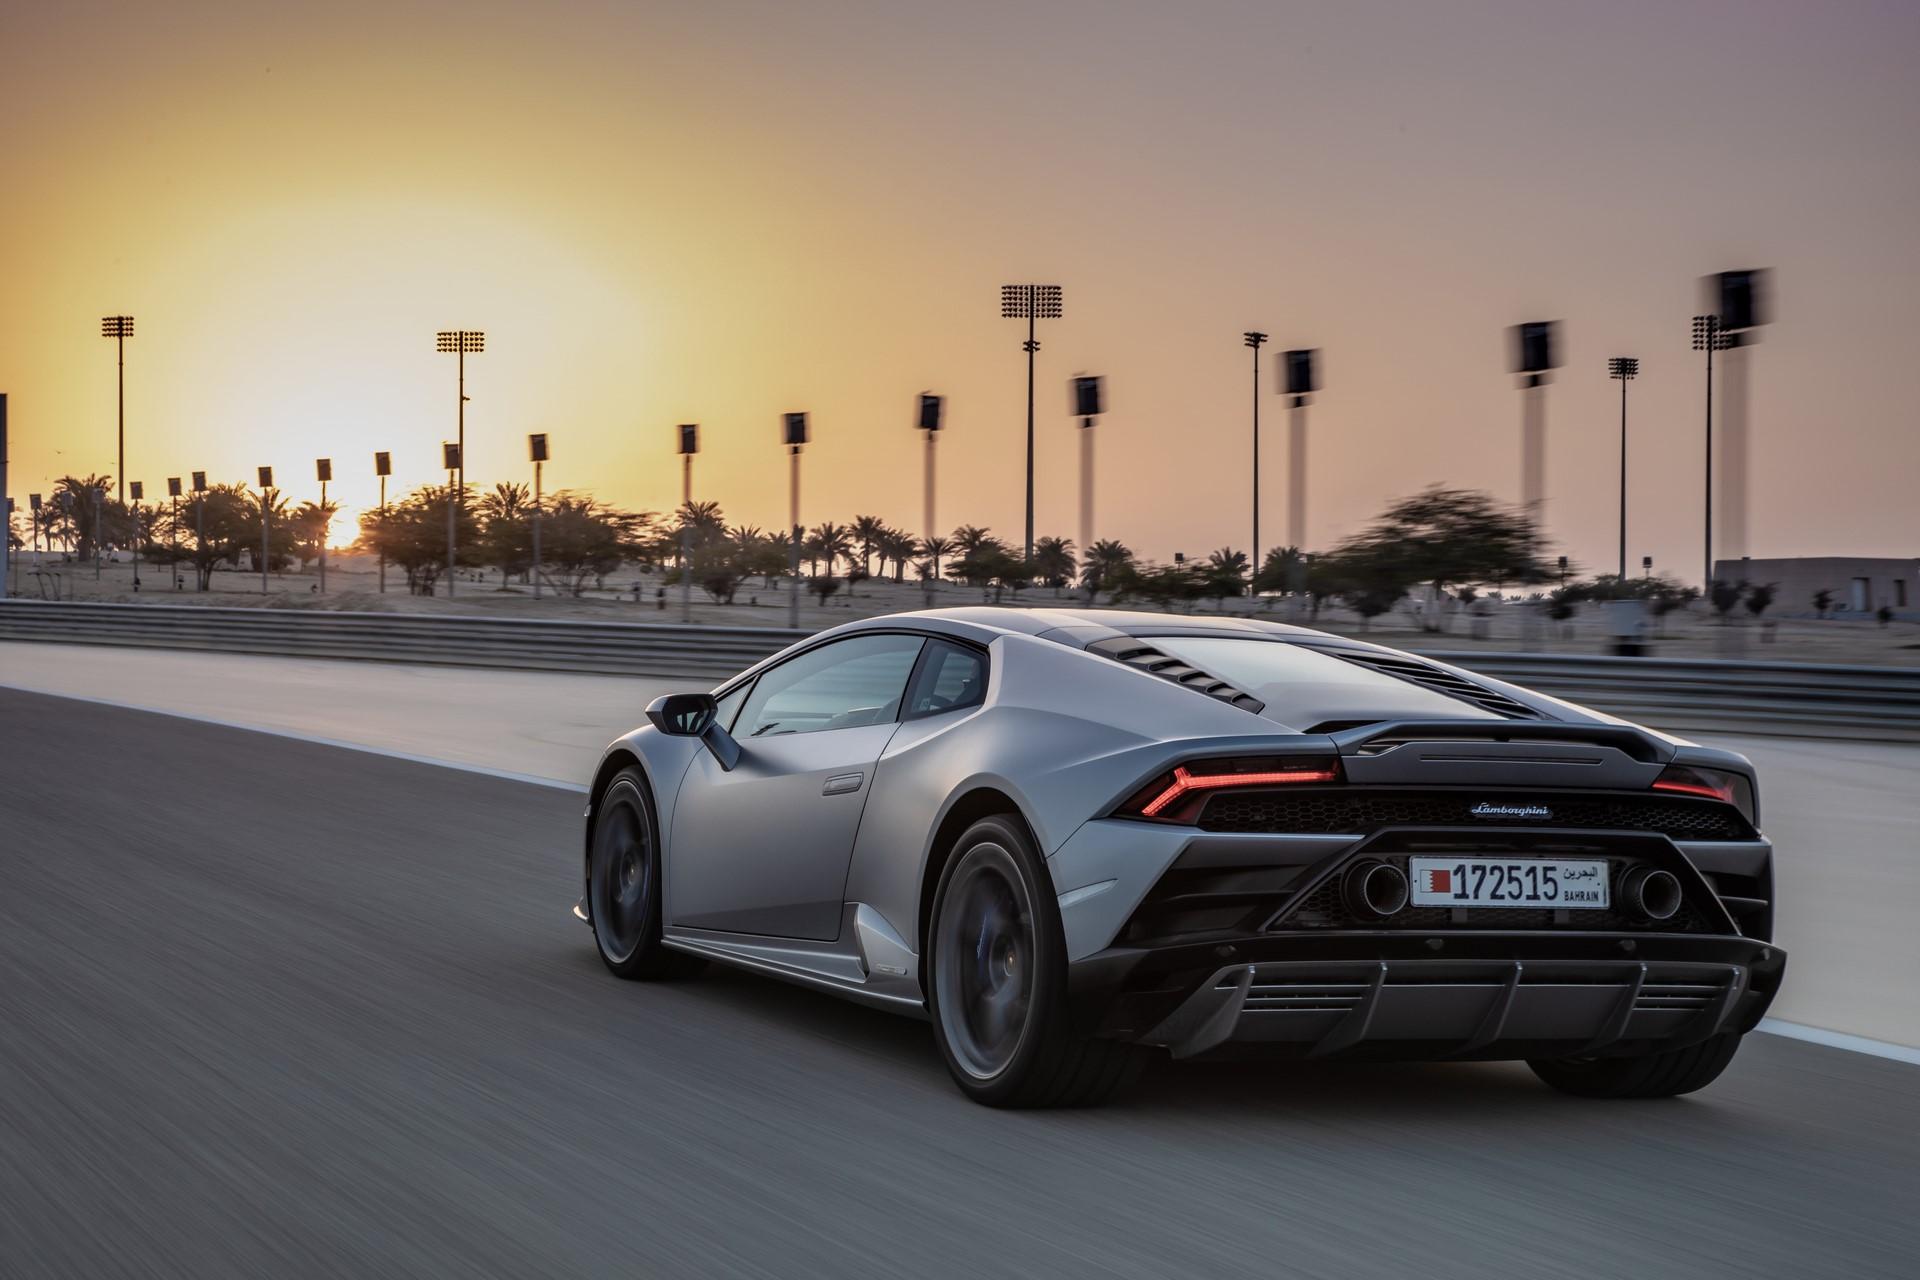 Lamborghini Huracan Evo 2019 (61)